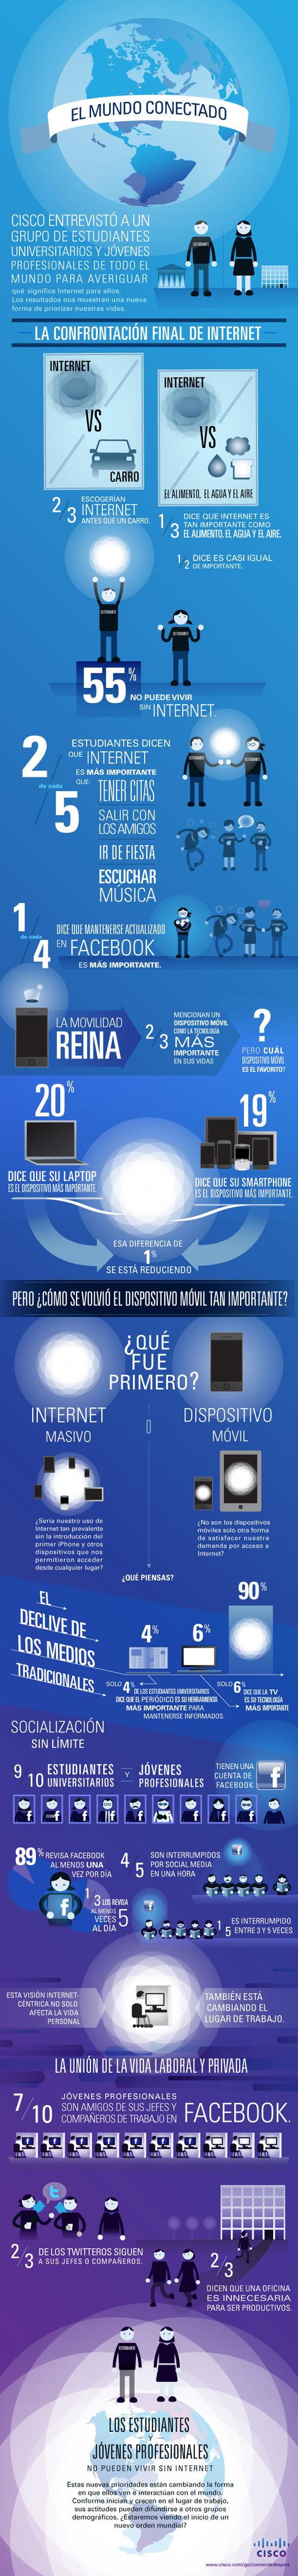 La importancia de Internet en la vida de los jóvenes #infografía interesante 1